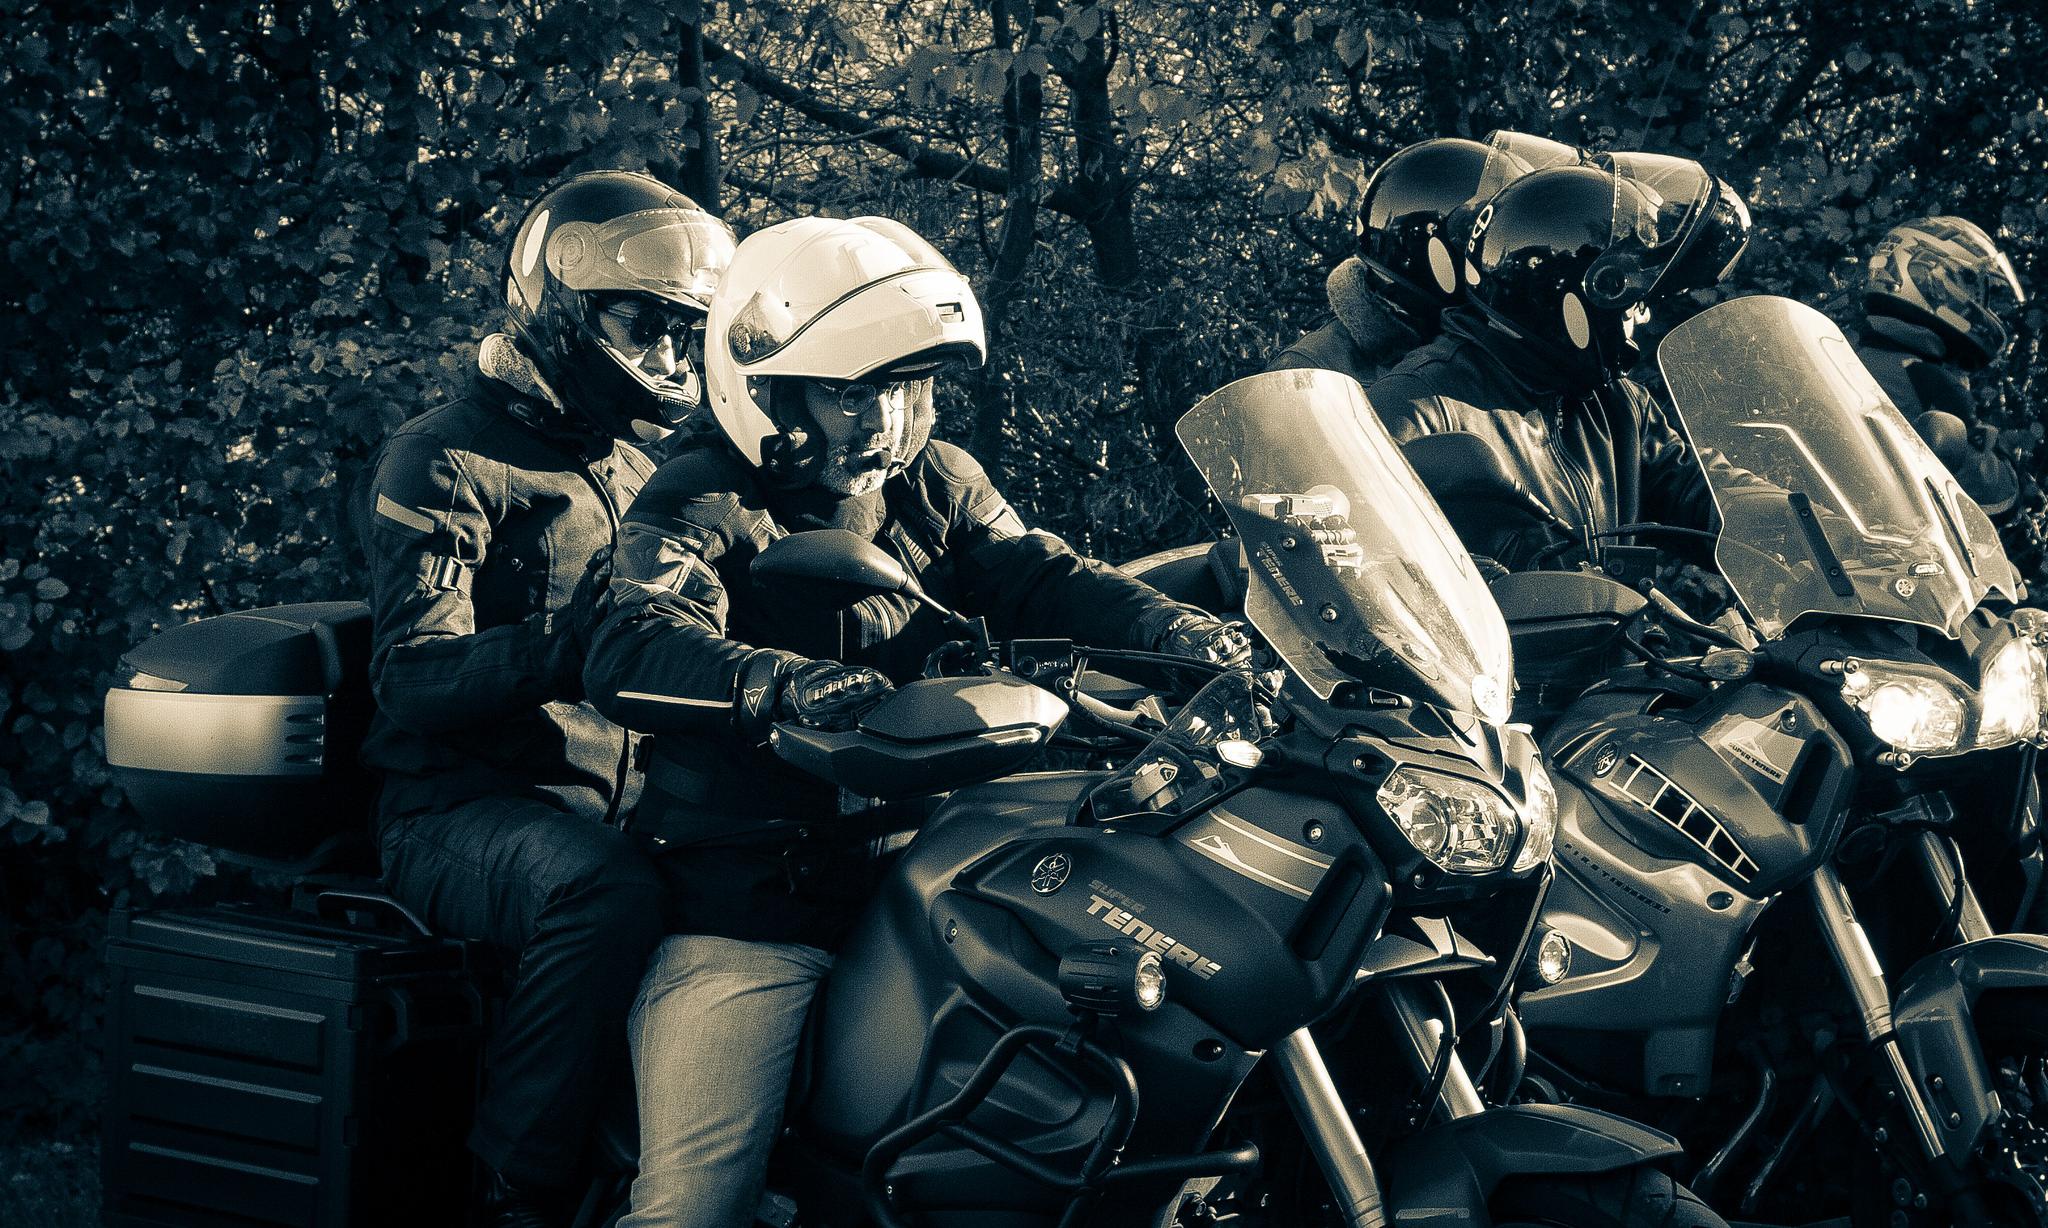 バイクのフリー素材、画像 (19)